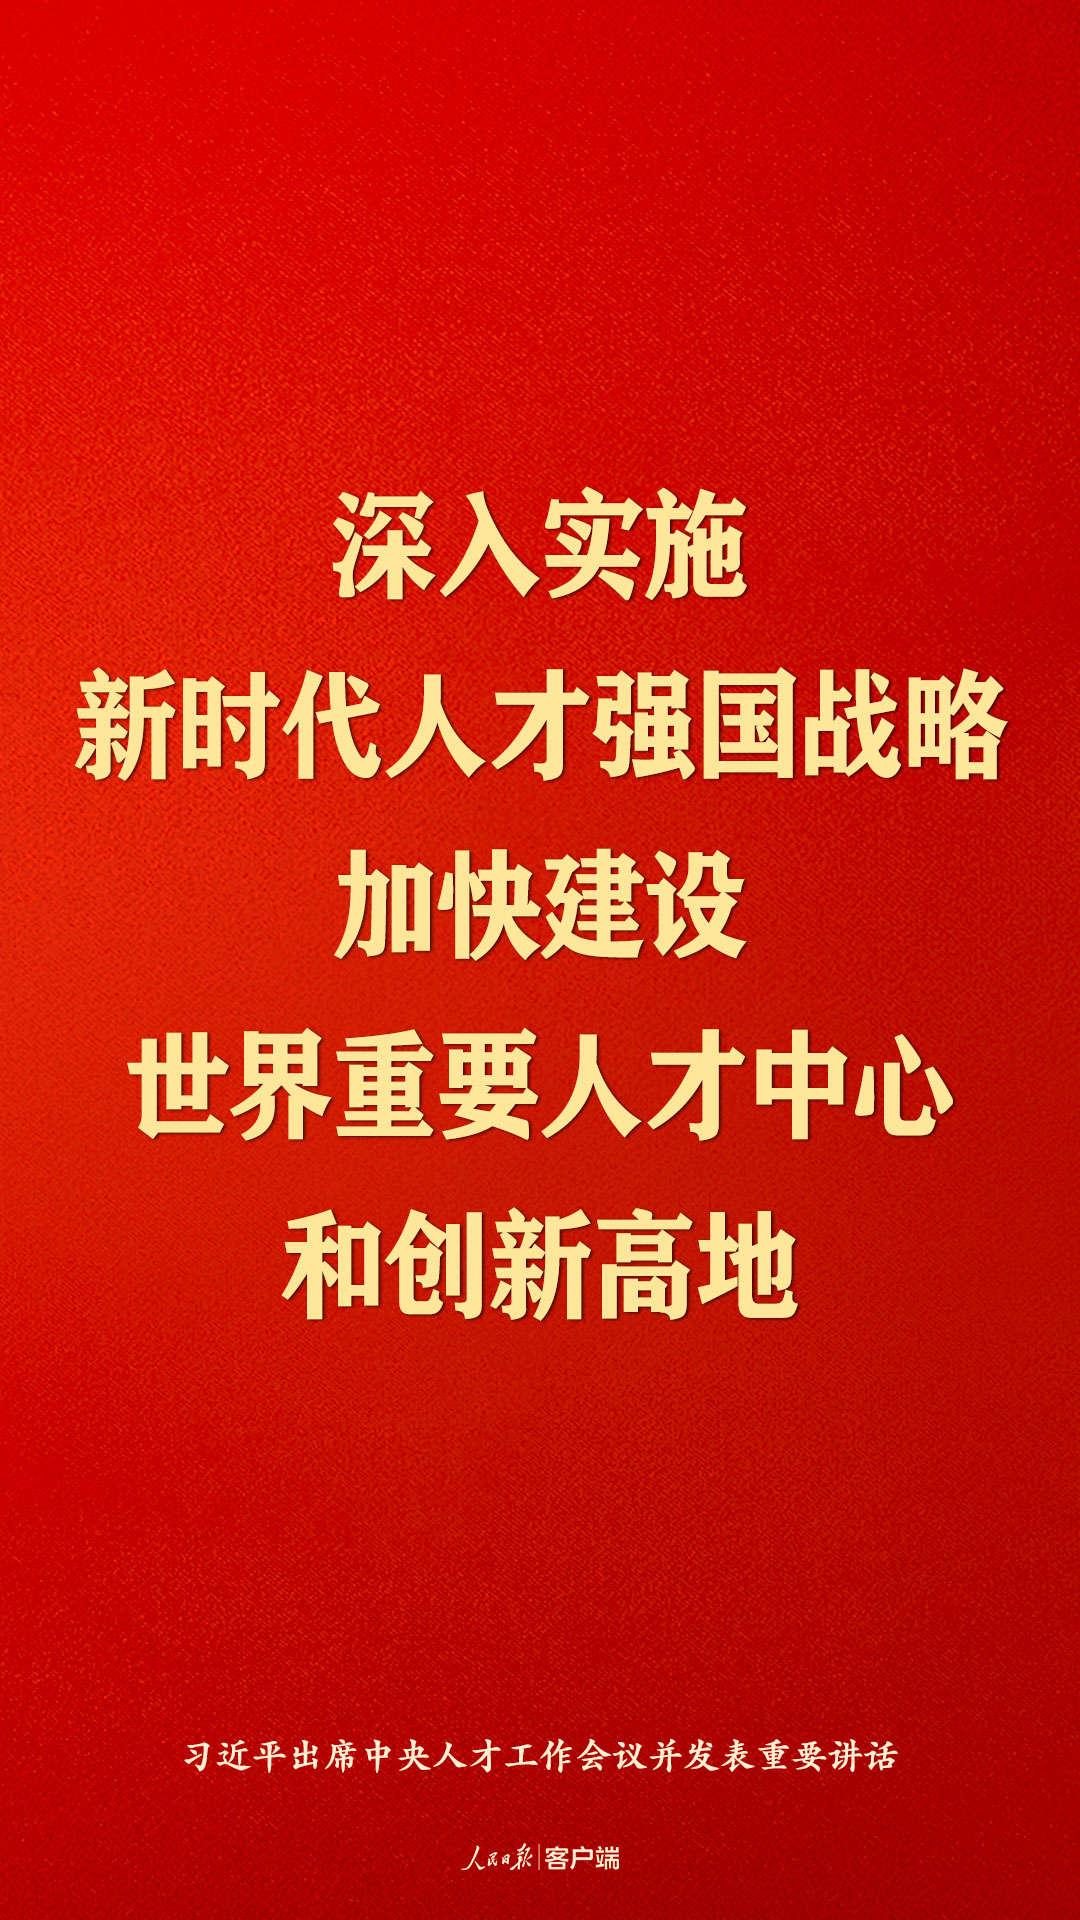 习近平:国家发展靠人才,民族振兴靠人才